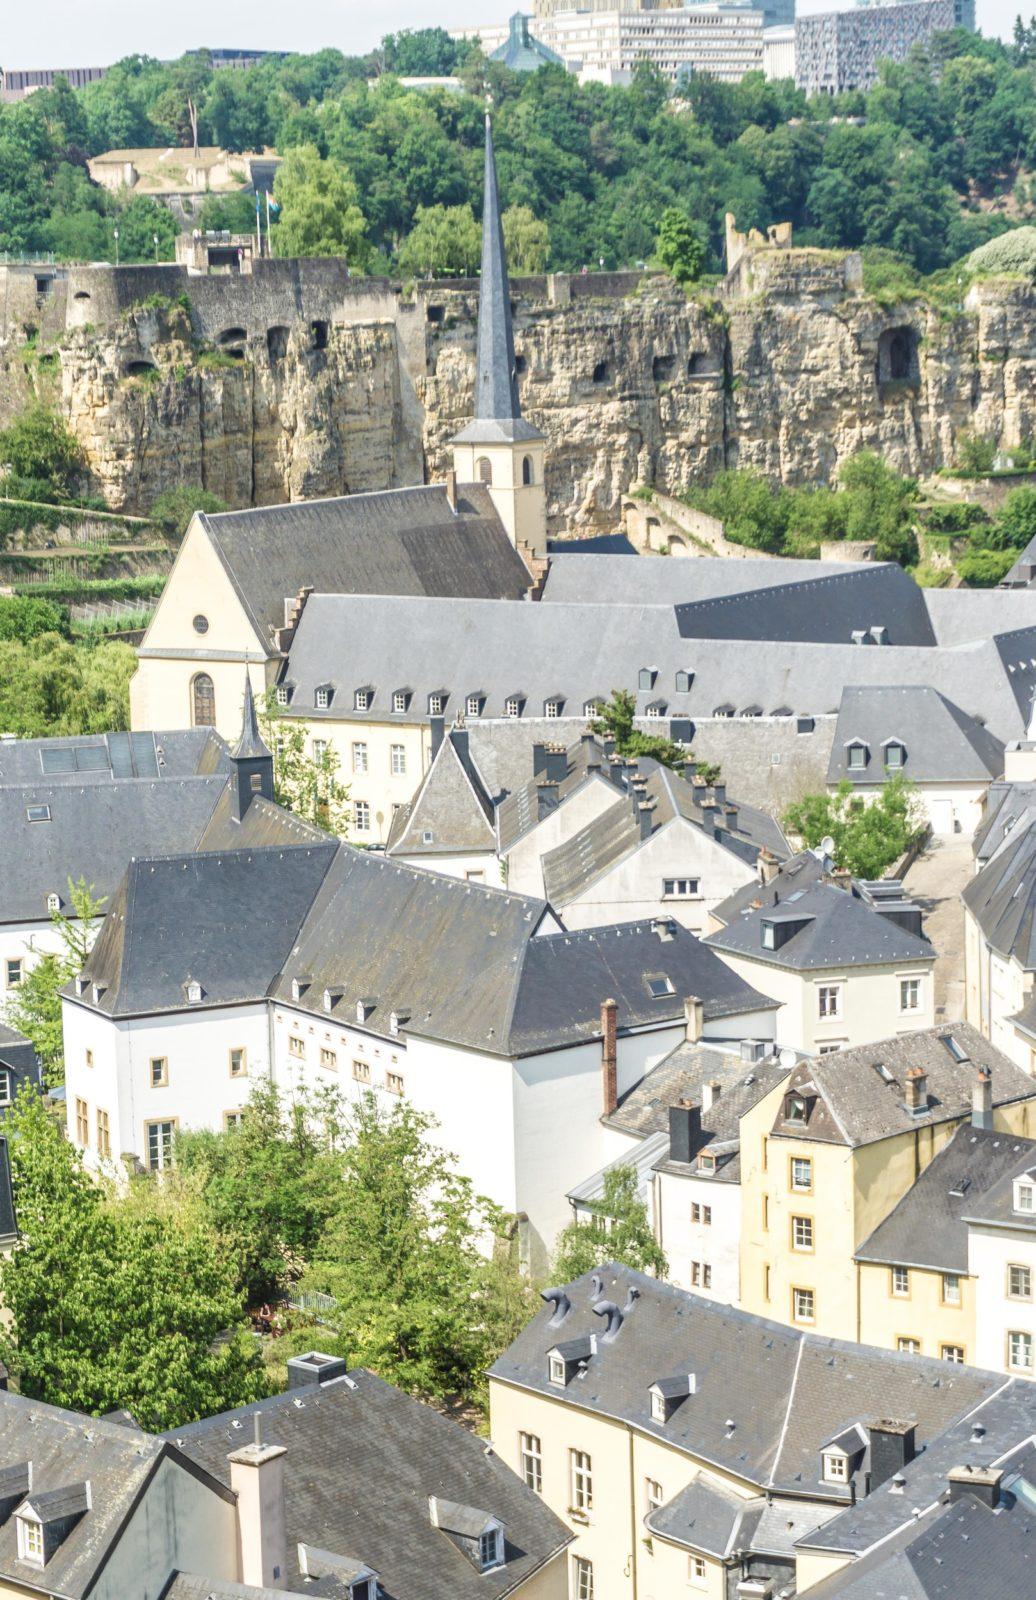 卢森堡是一个新旧交融的美丽城市。这里有卢森堡最值得一看和做的十件事(从博物馆到吃的地方!)。